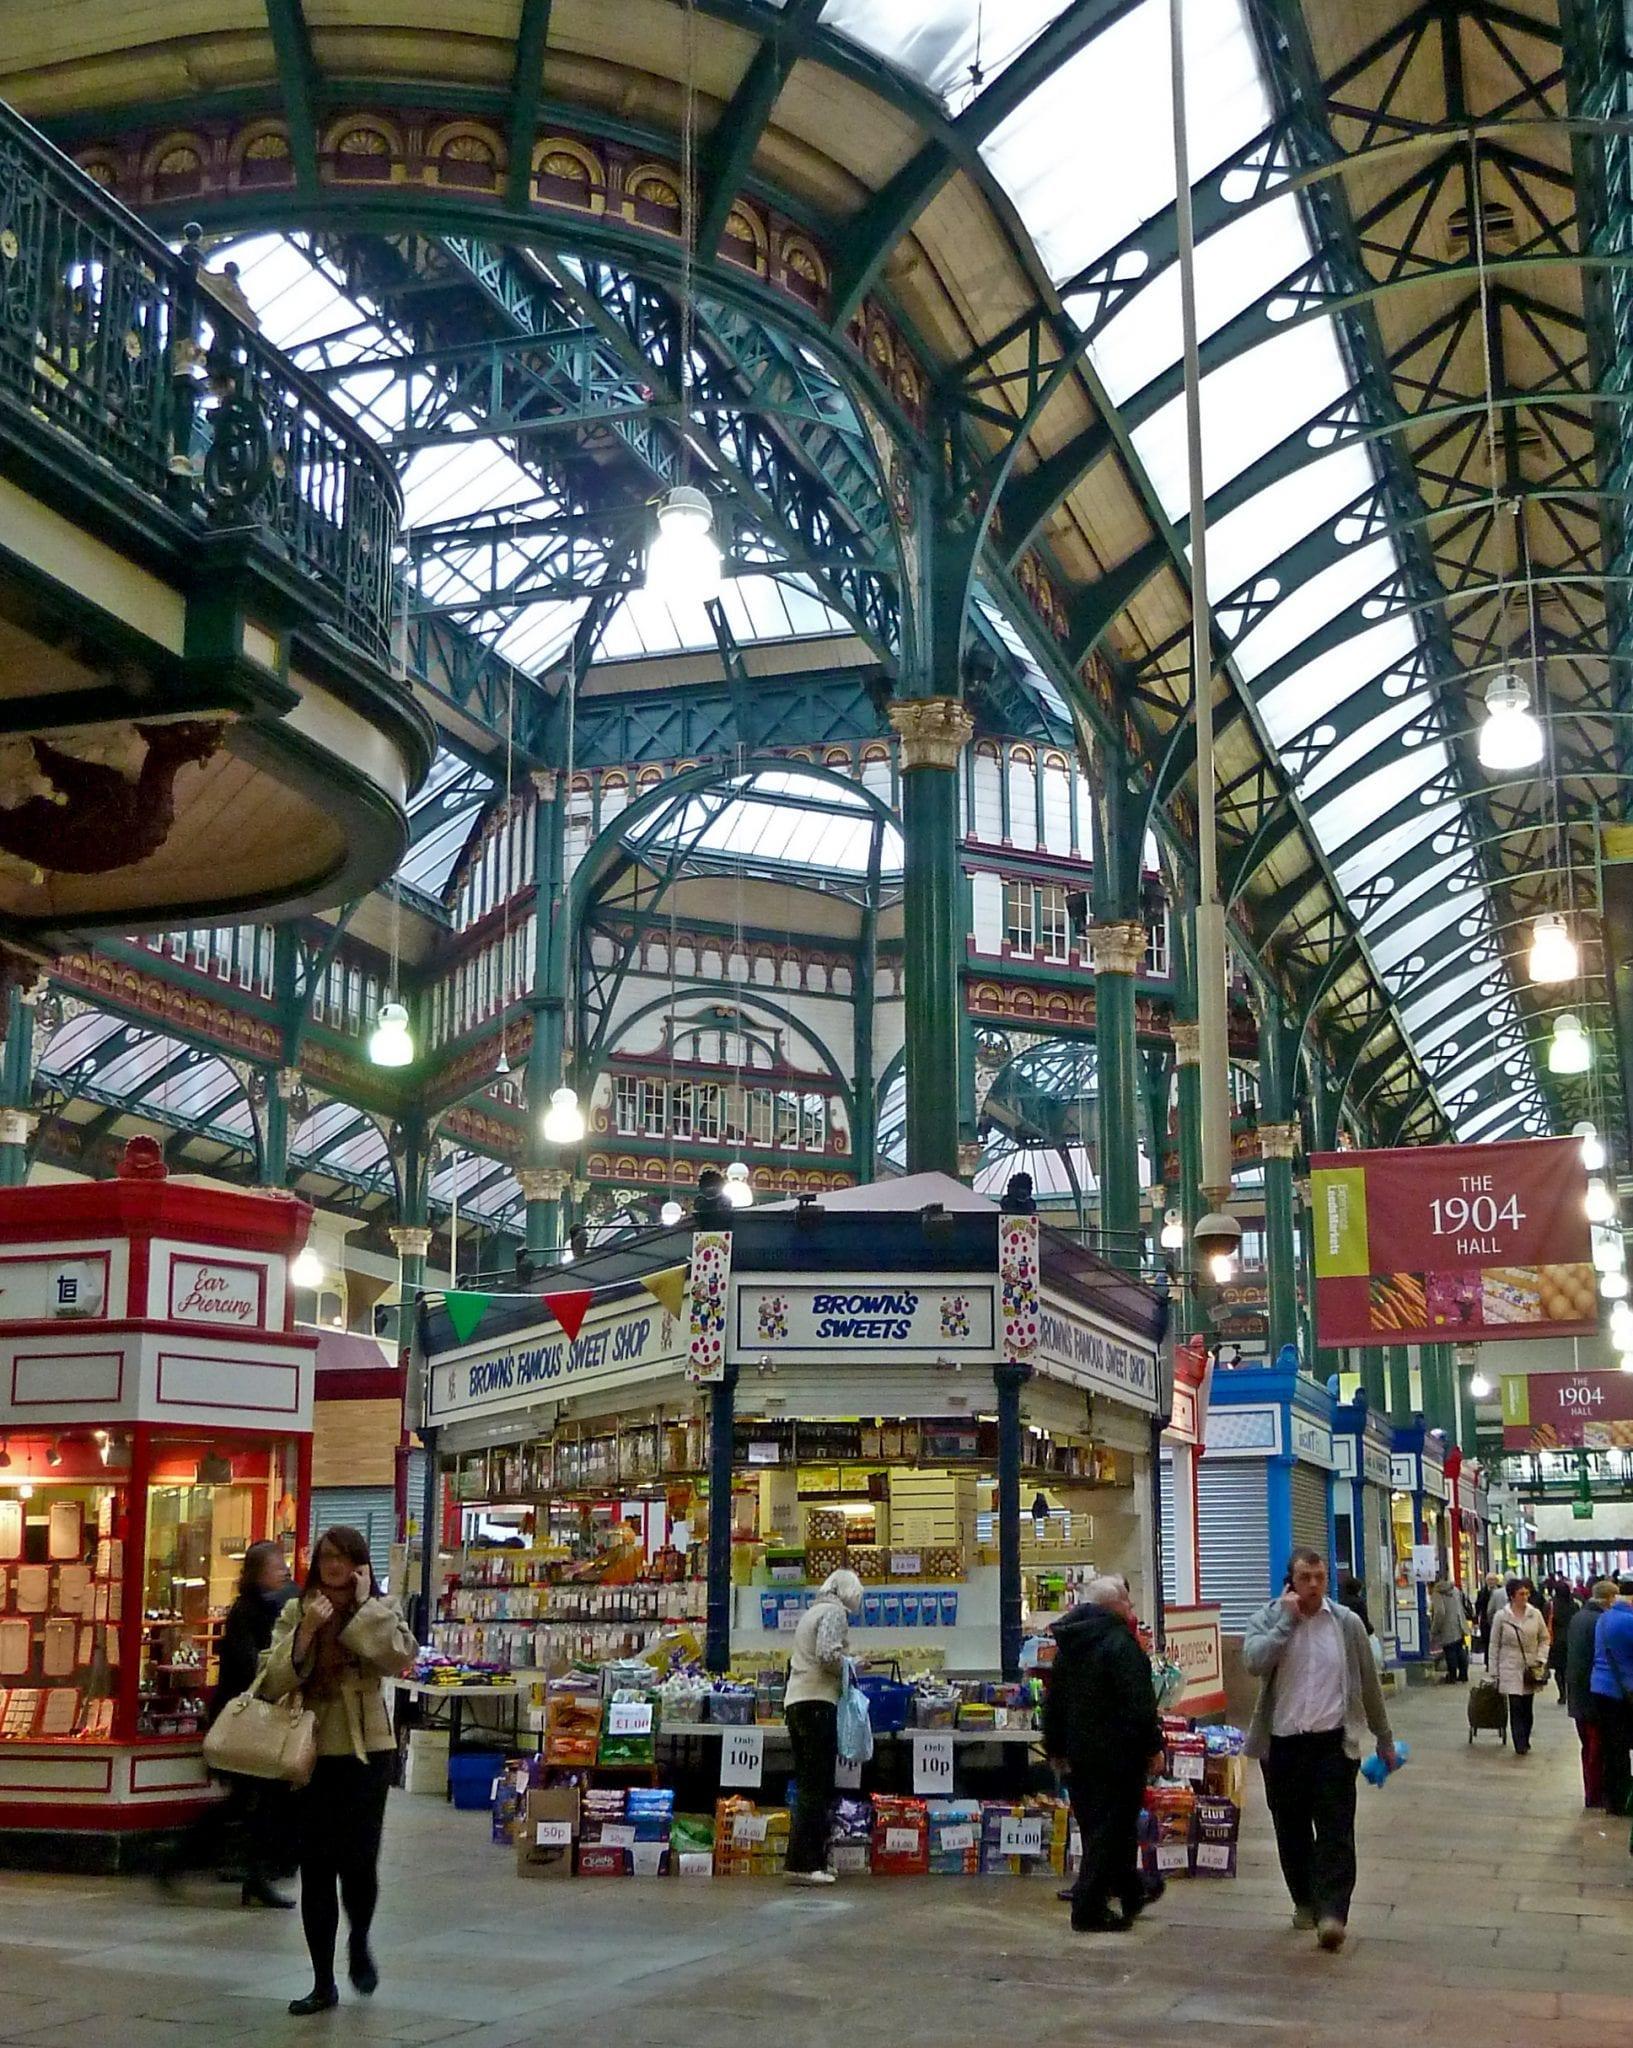 Gran oferta de todo tipo para vivir, trabajar y estudiar en la ciudad de Leeds, Inglaterra y conocer su población